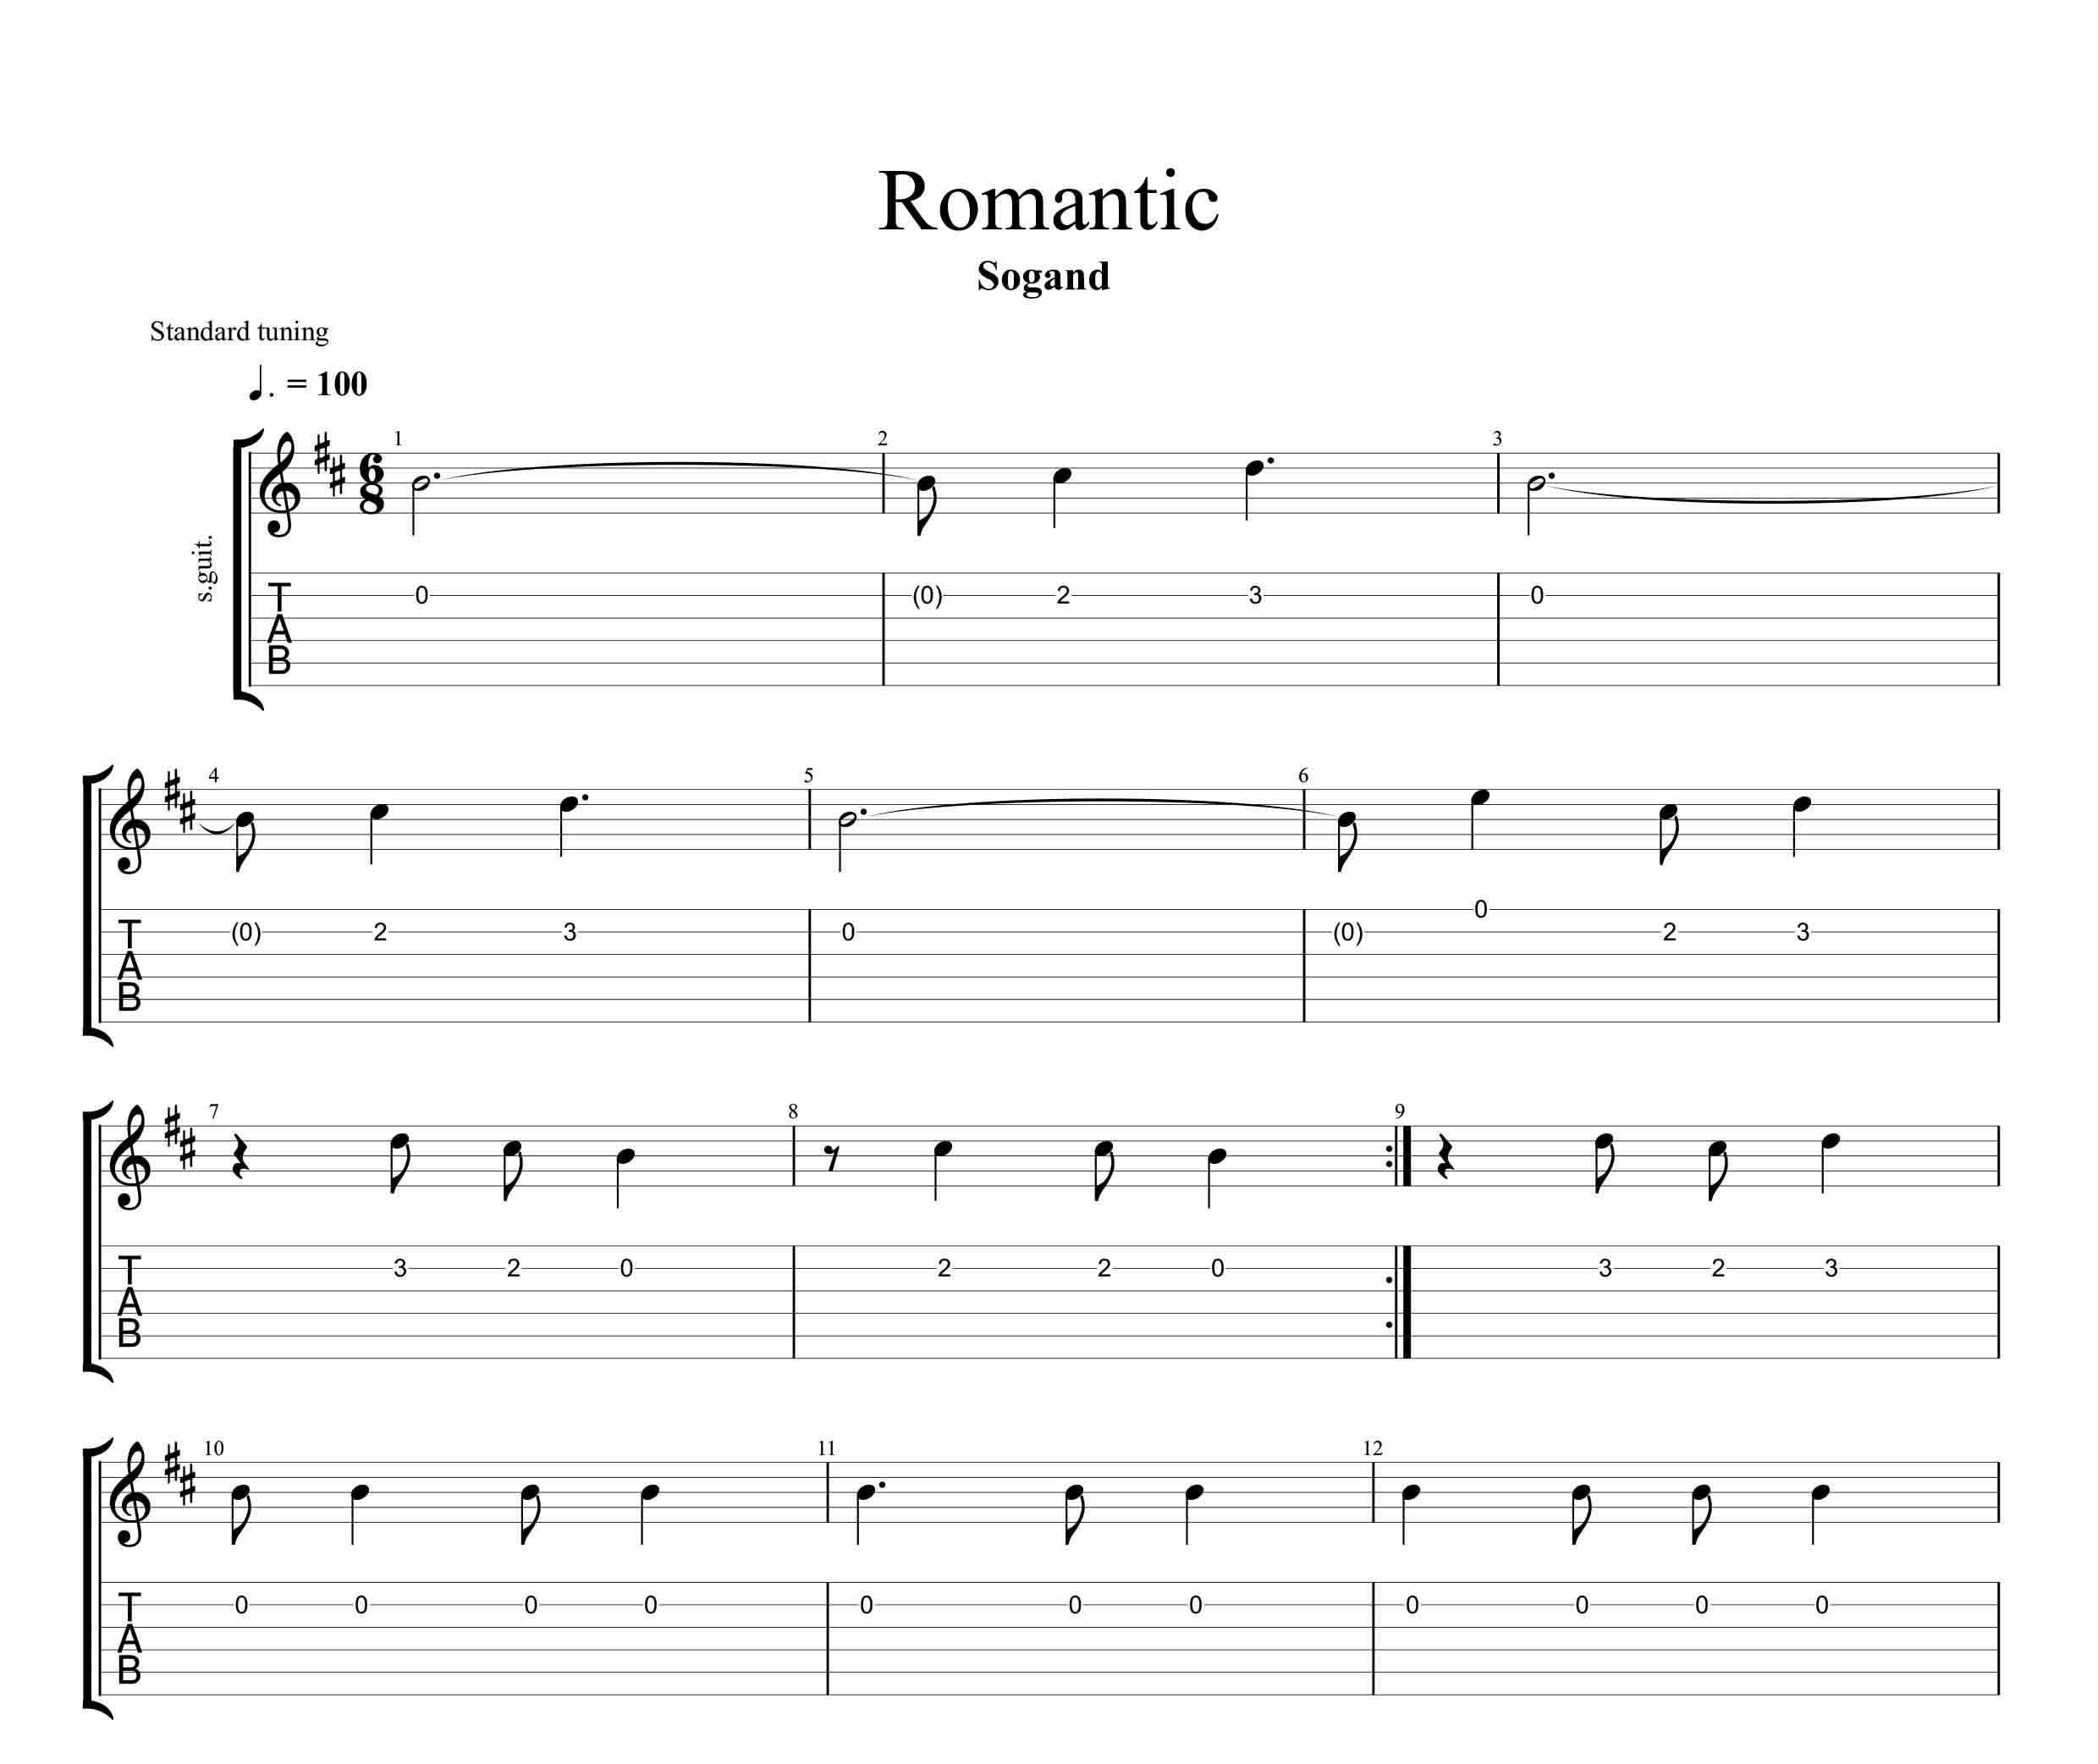 نت و تبلچر آهنگ رمانتیک از سوگند برای گیتار